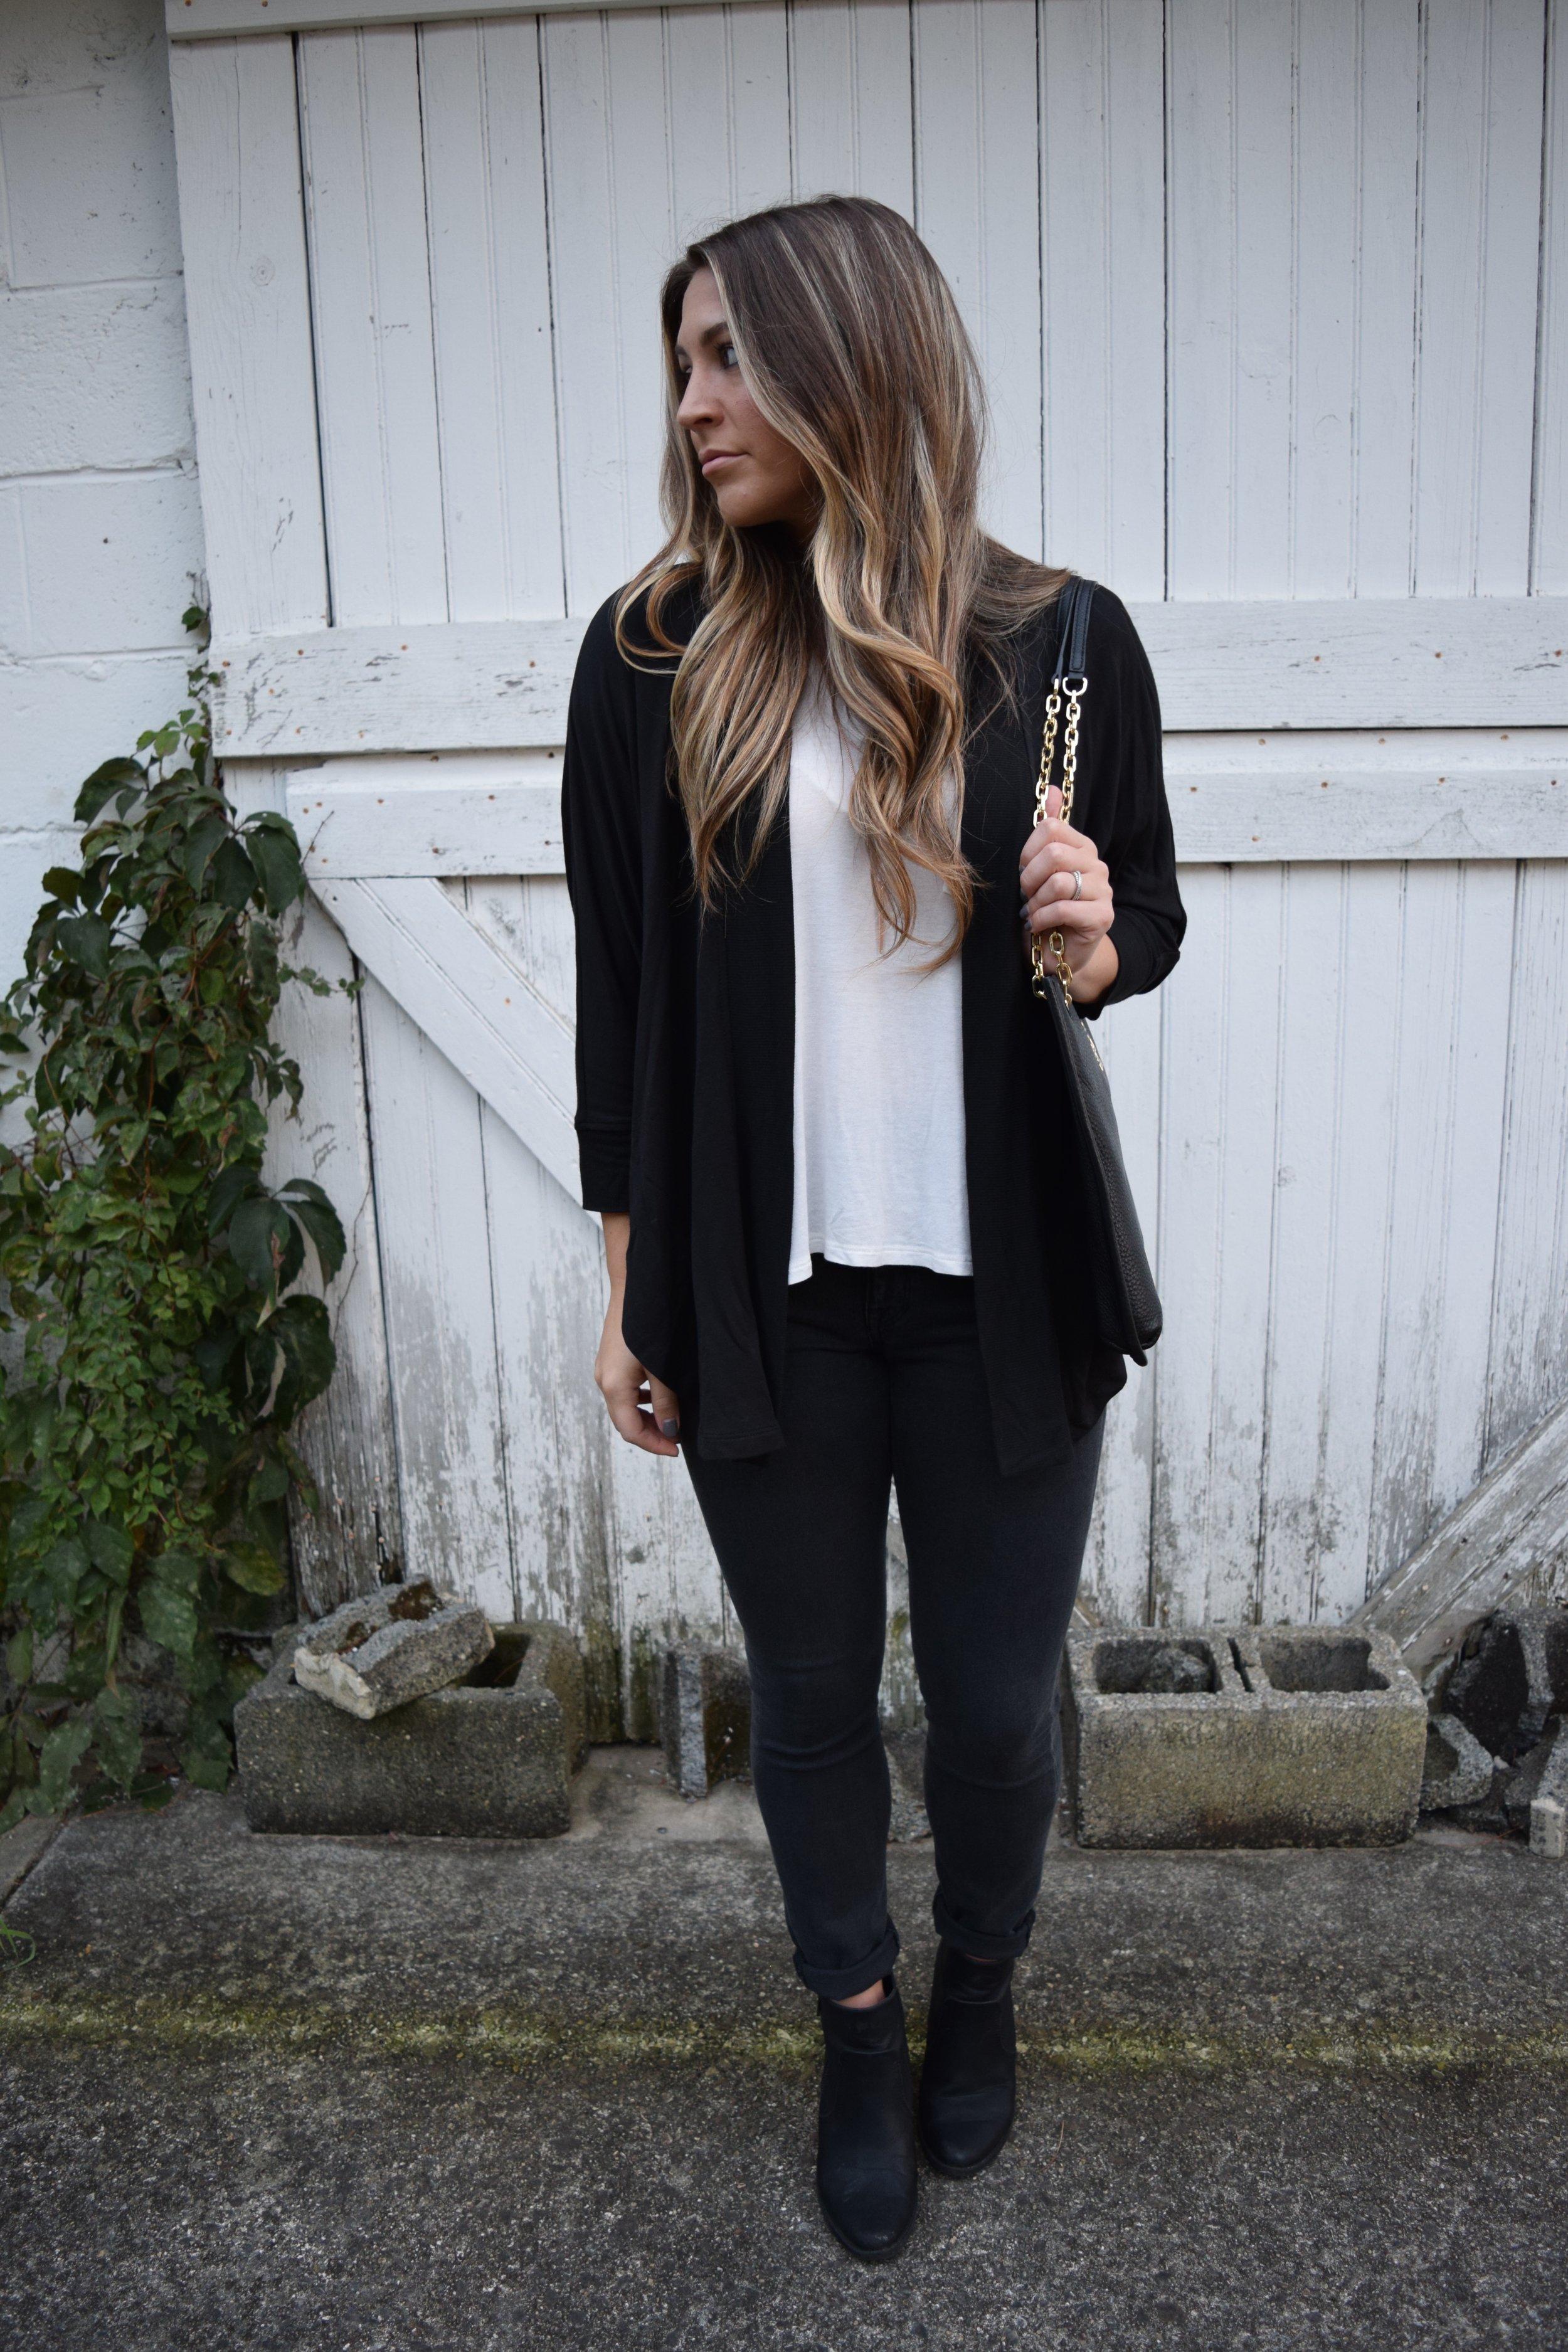 fall outfit inspiration // pinebarrenbeauty.com